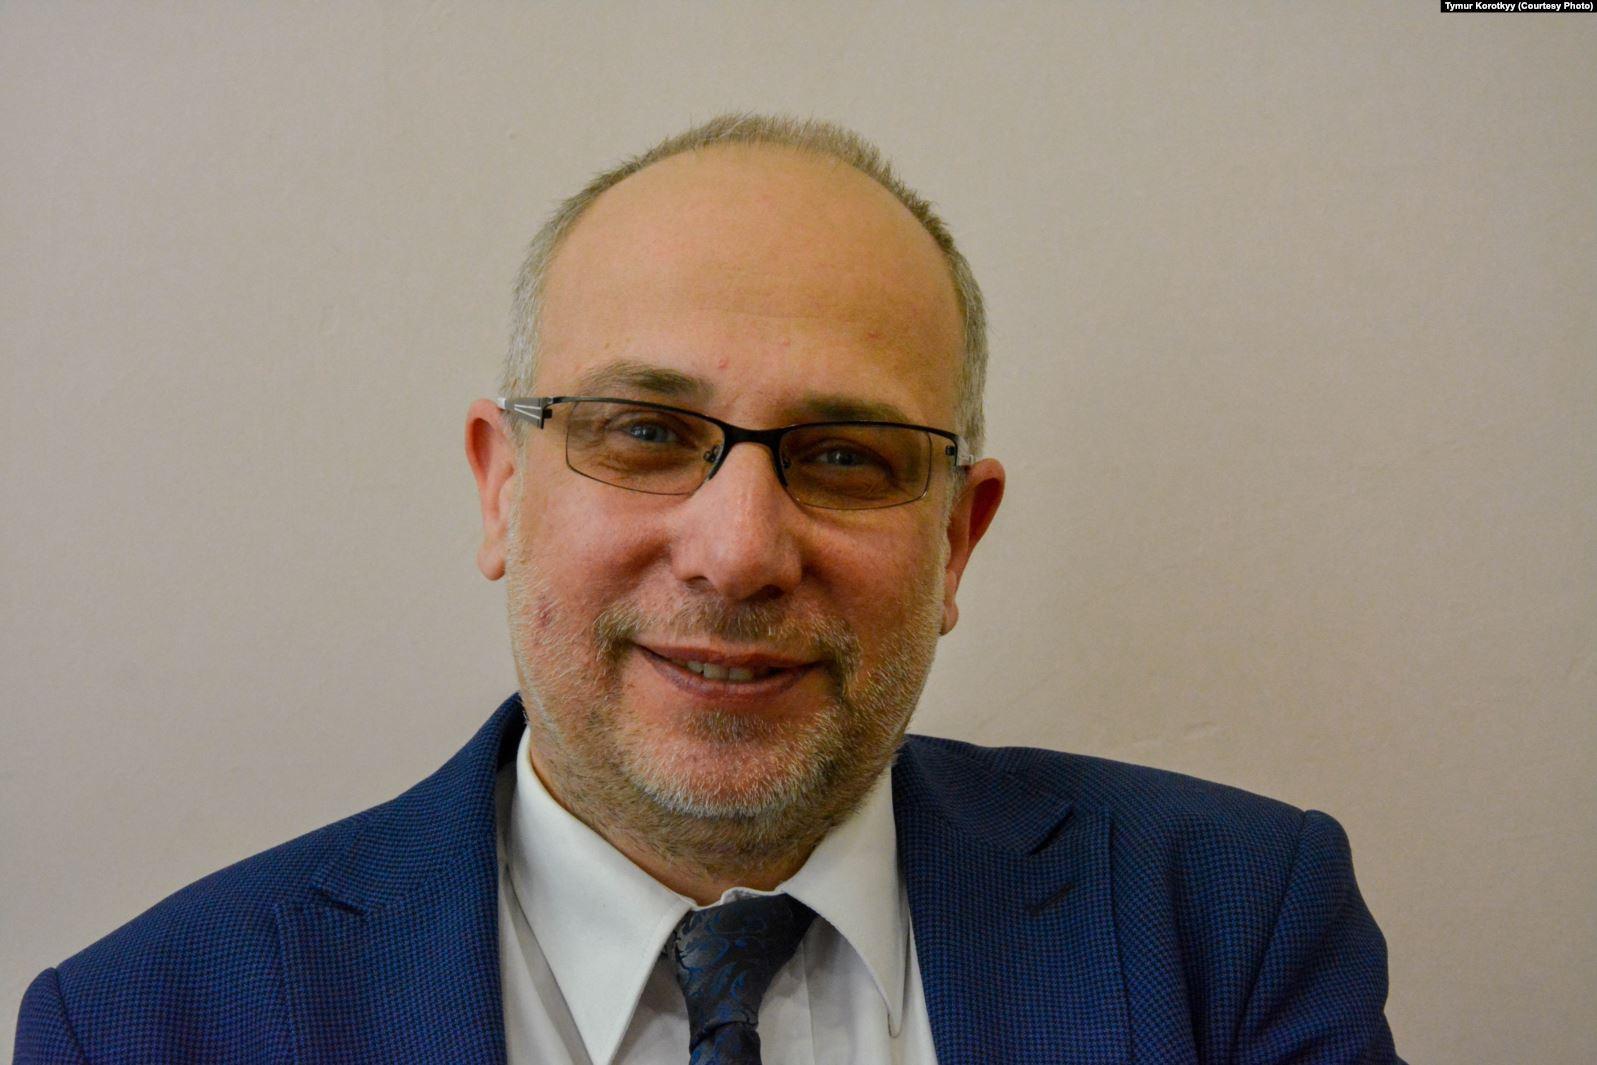 Tymur Korotkyi. Courtesy Photo